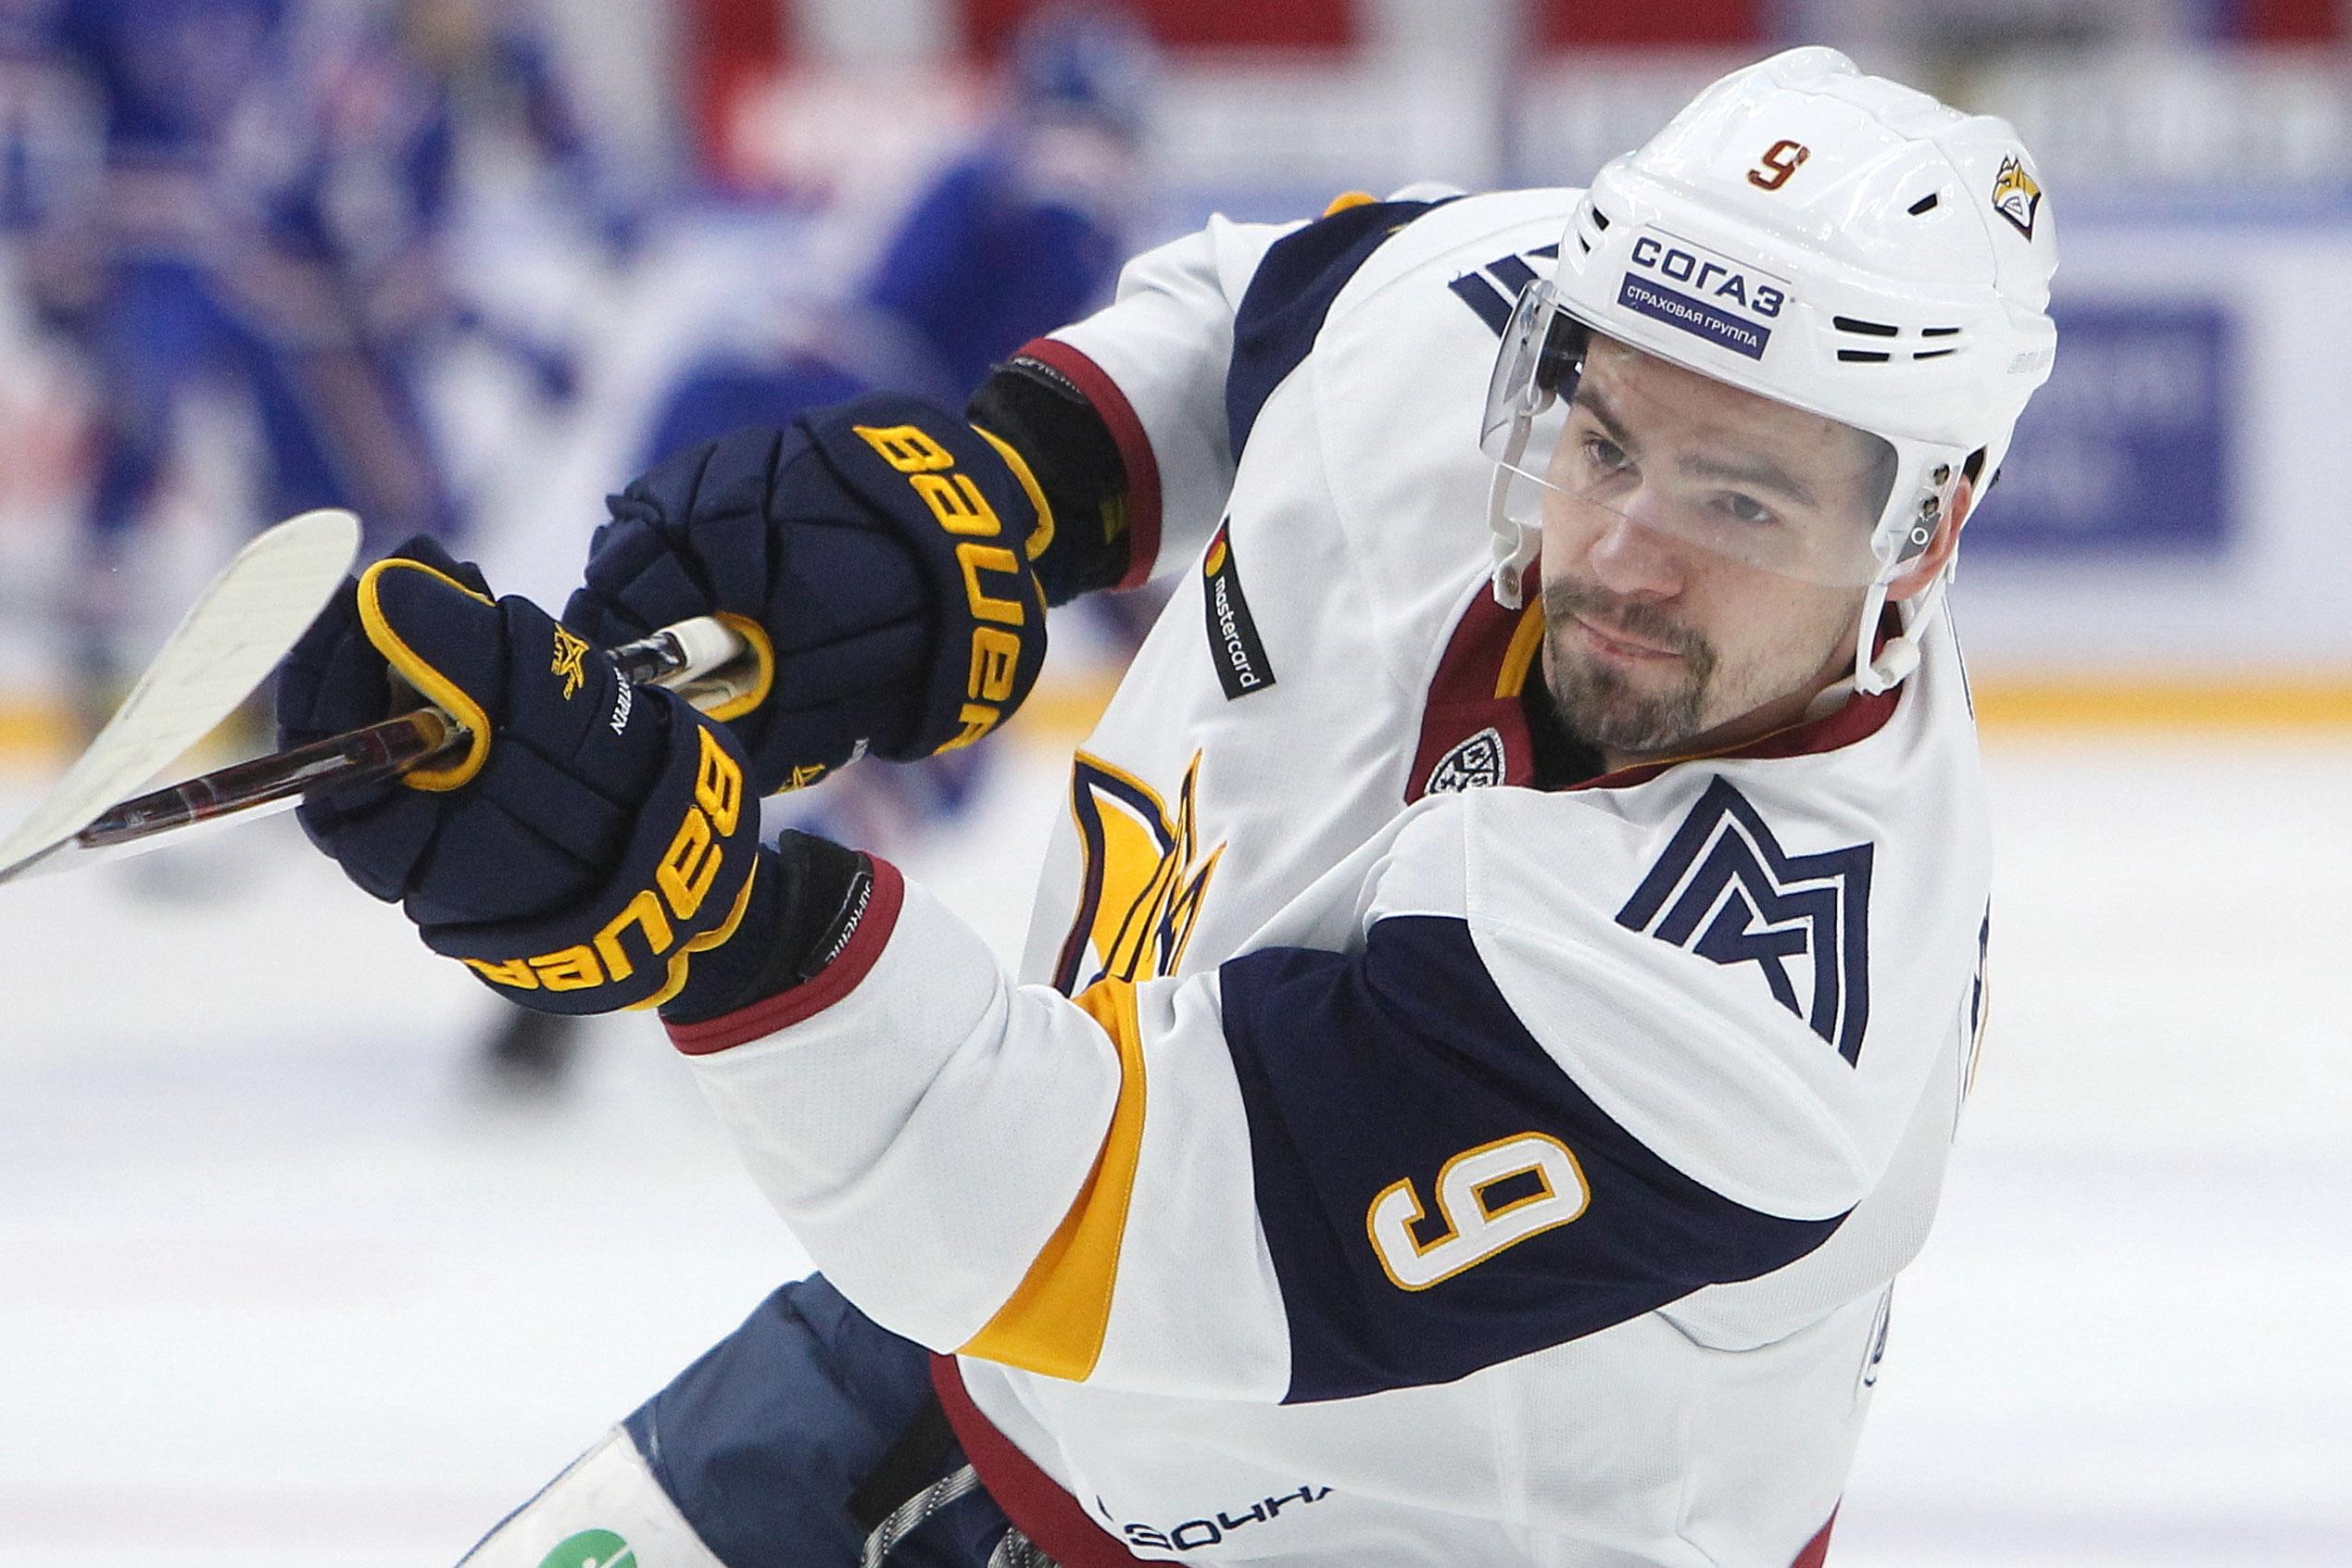 Виктор Антипин: «Решение вернуться из НХЛ в Магнитку было абсолютно верным»